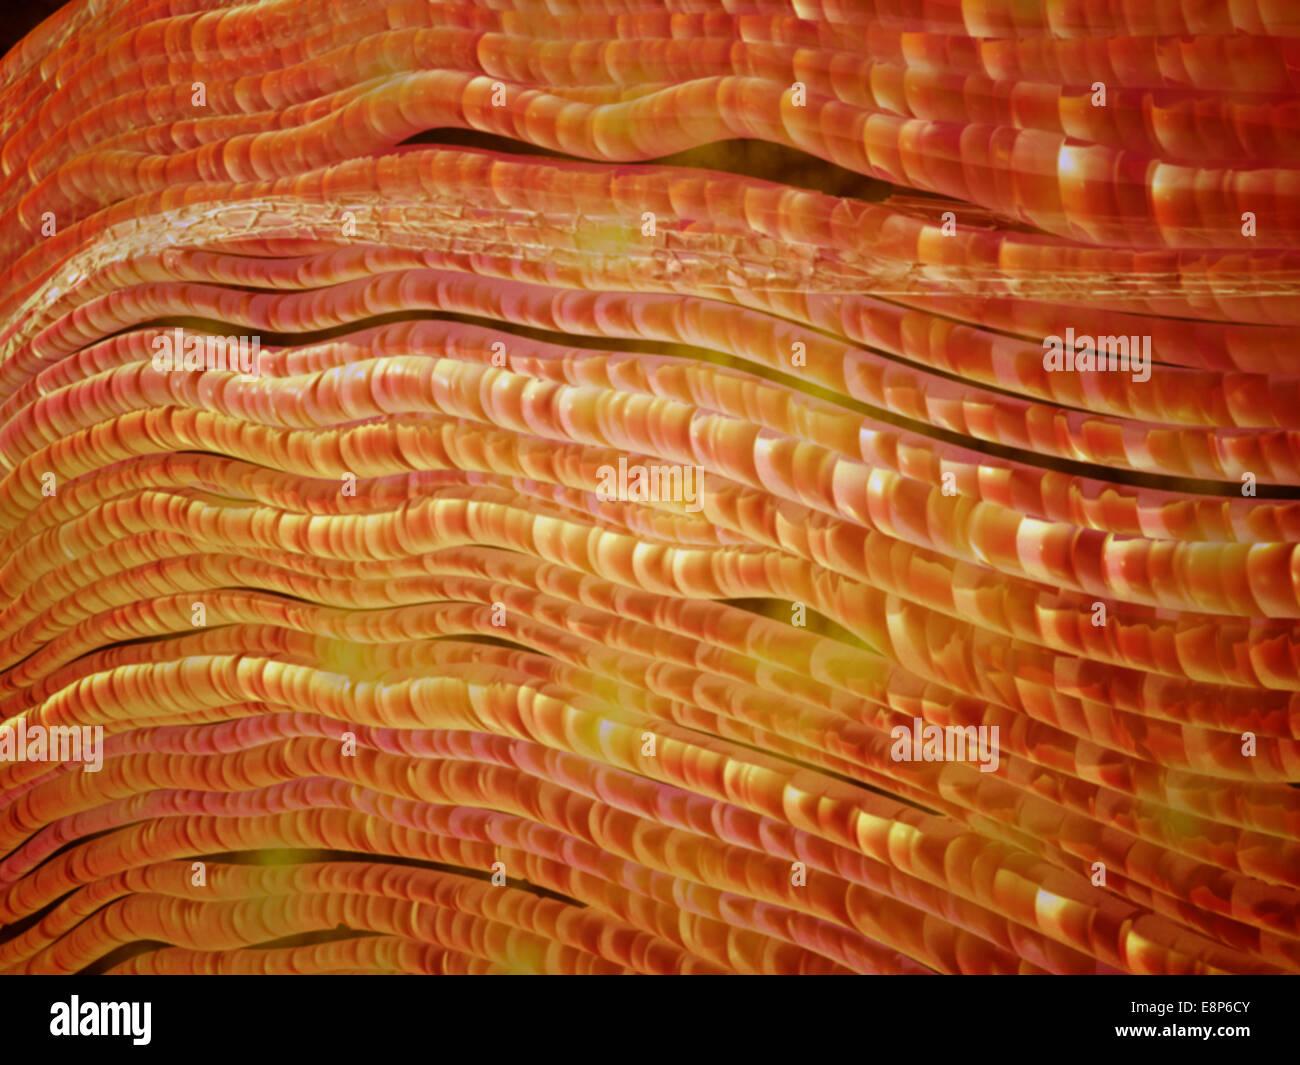 Vue microscopique des fibres nerveuses. Une fibre nerveuse est une extension d'une filiformes de cellules nerveuses dans le système nerveux. Banque D'Images